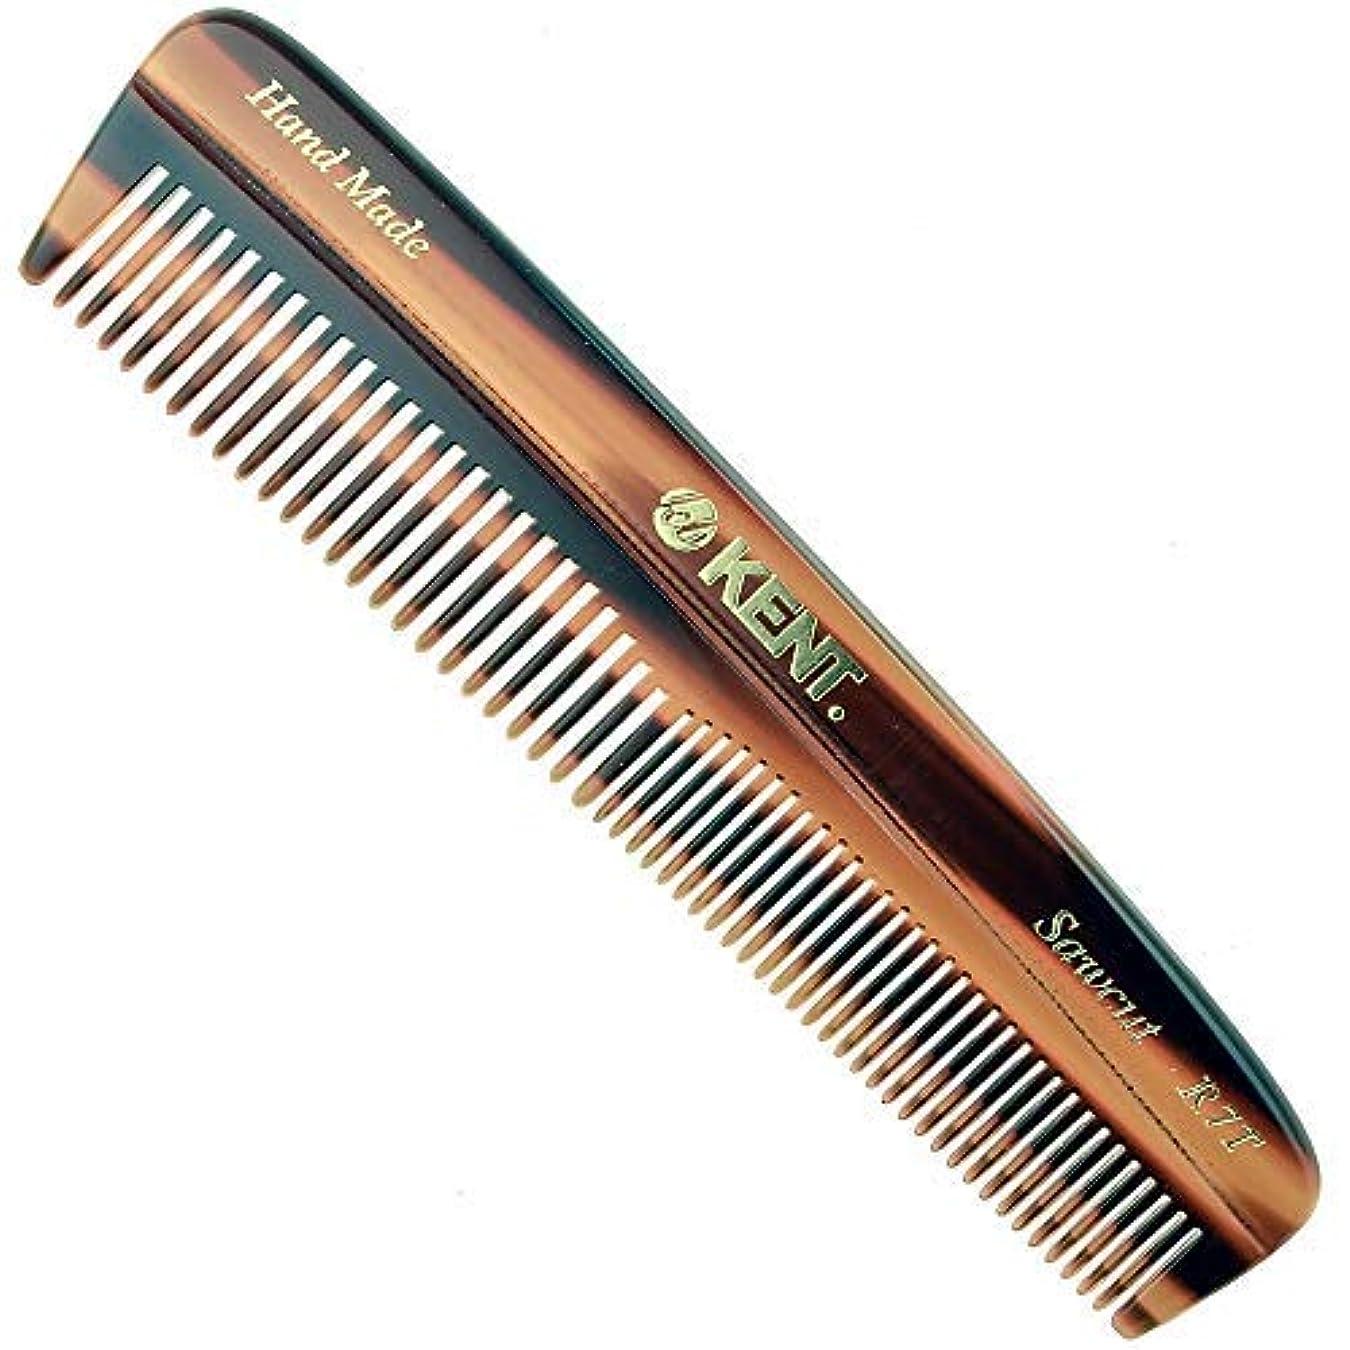 ボウル恵みスピンKent R7T - Men's/Women's Coarse and Fine Toothed Small Travel Pocket Comb 130mm/5.63